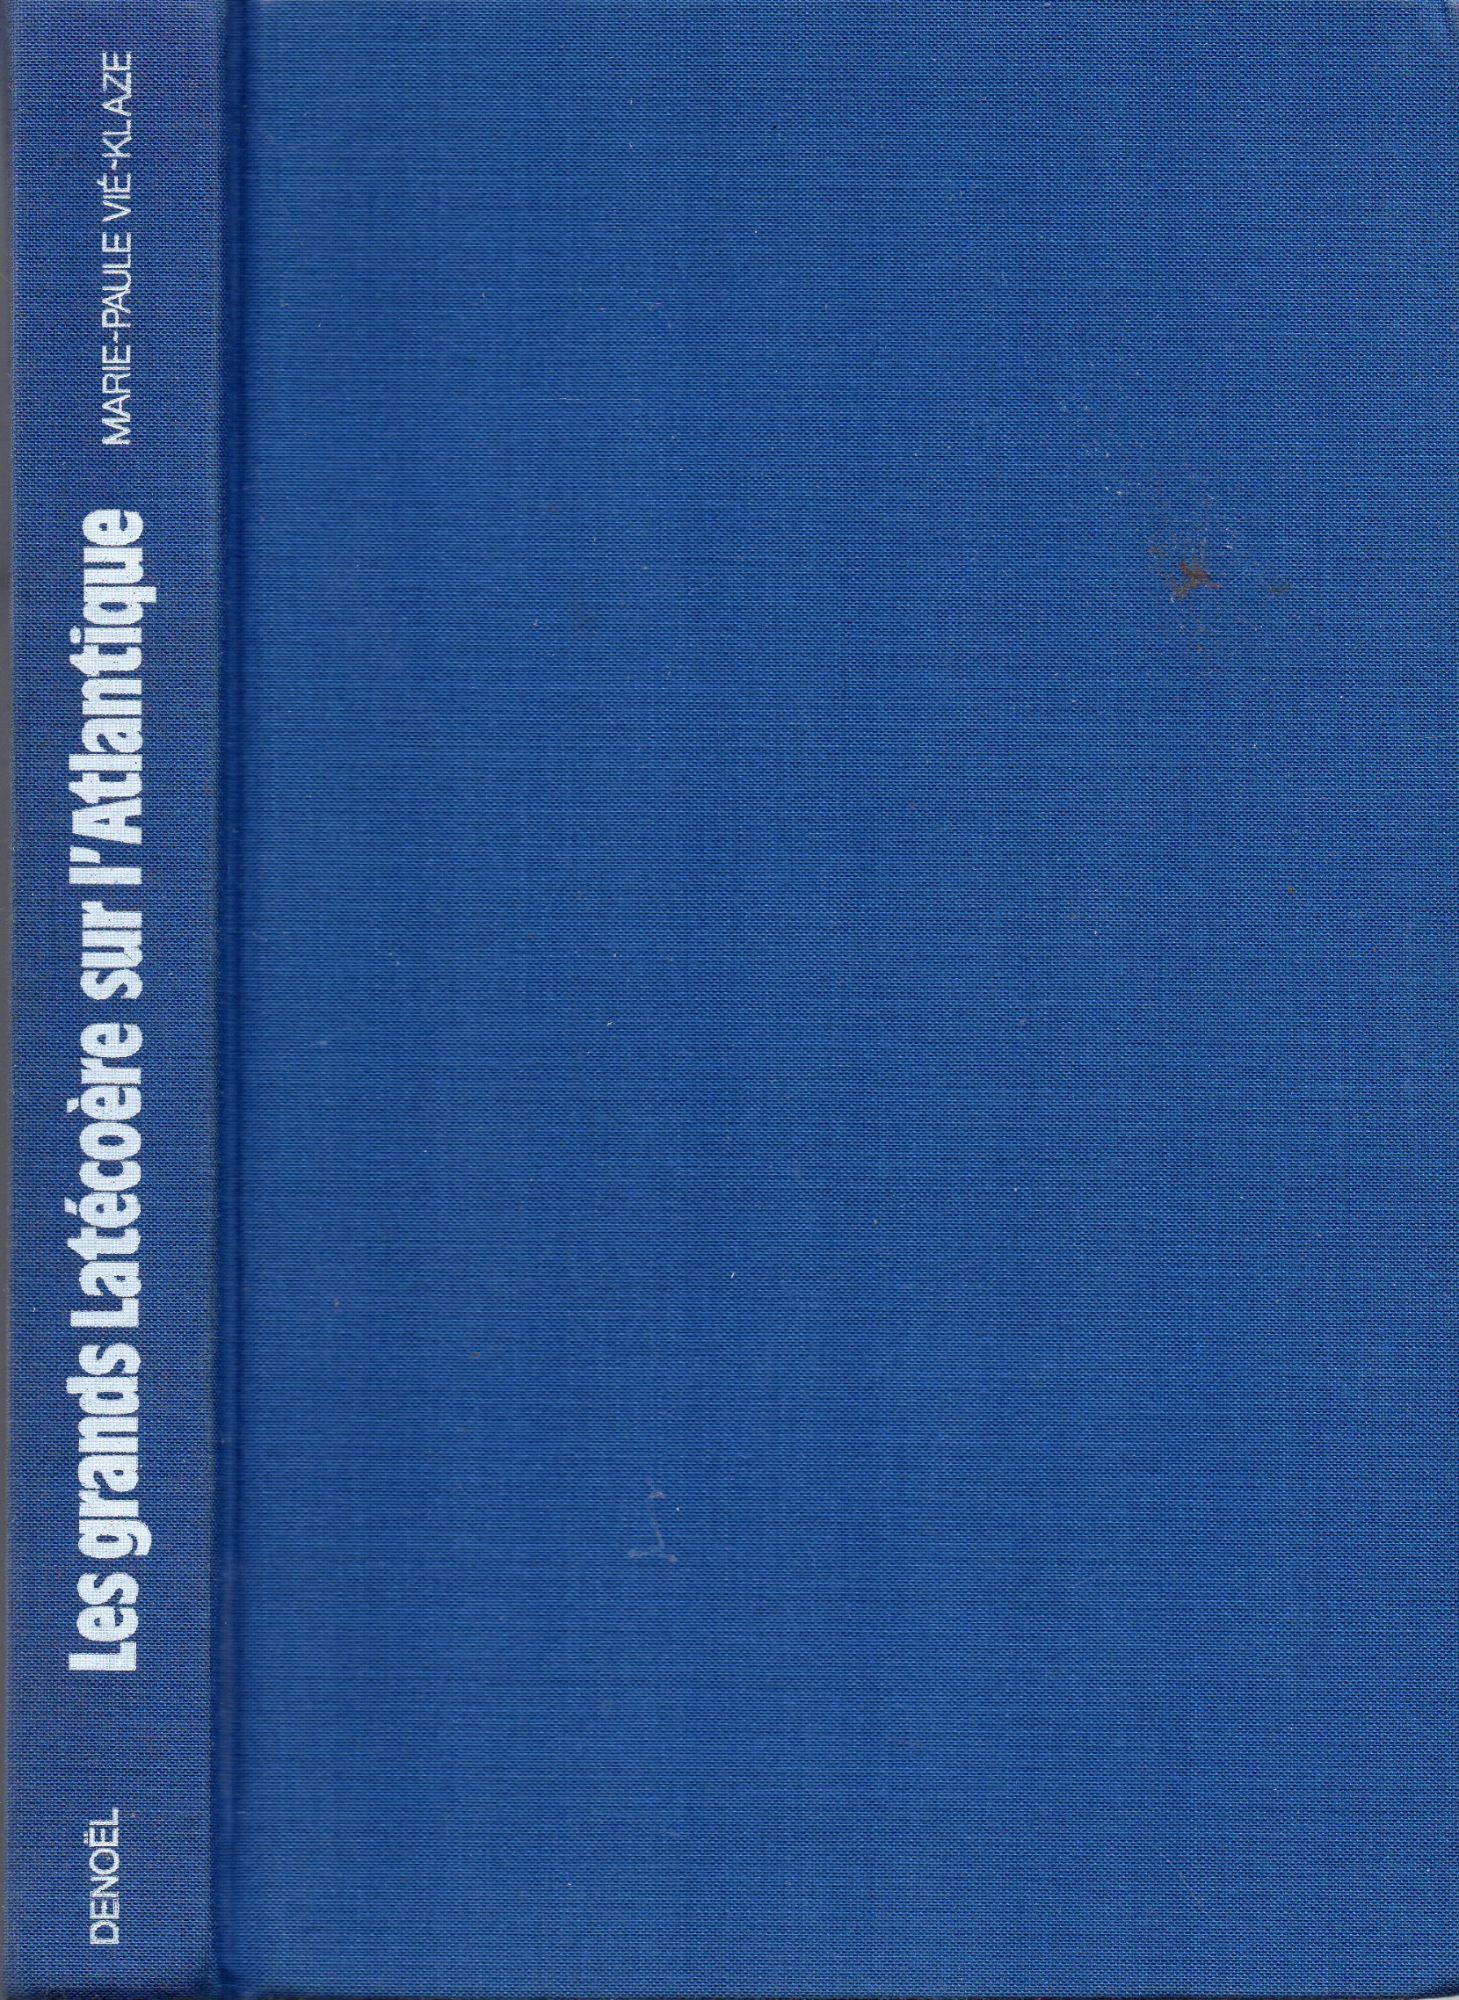 Les Grands Latécoère sur l'Atlantique - (1930-1956) de Marie-Paule Vié-Klaze